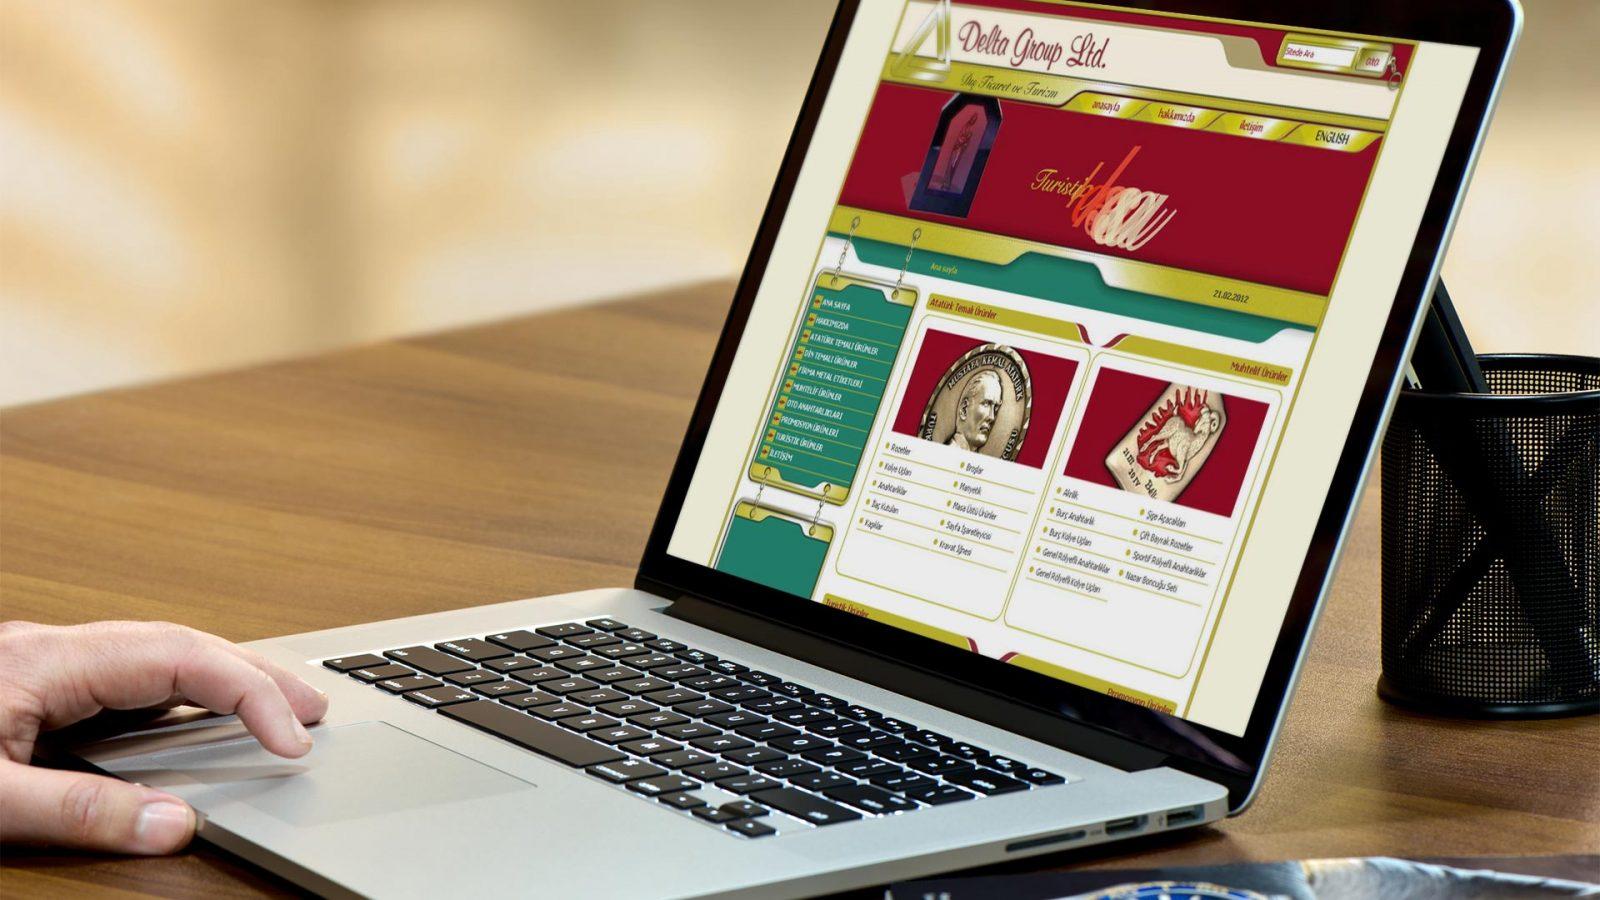 delta web sitesi tasarımı 01